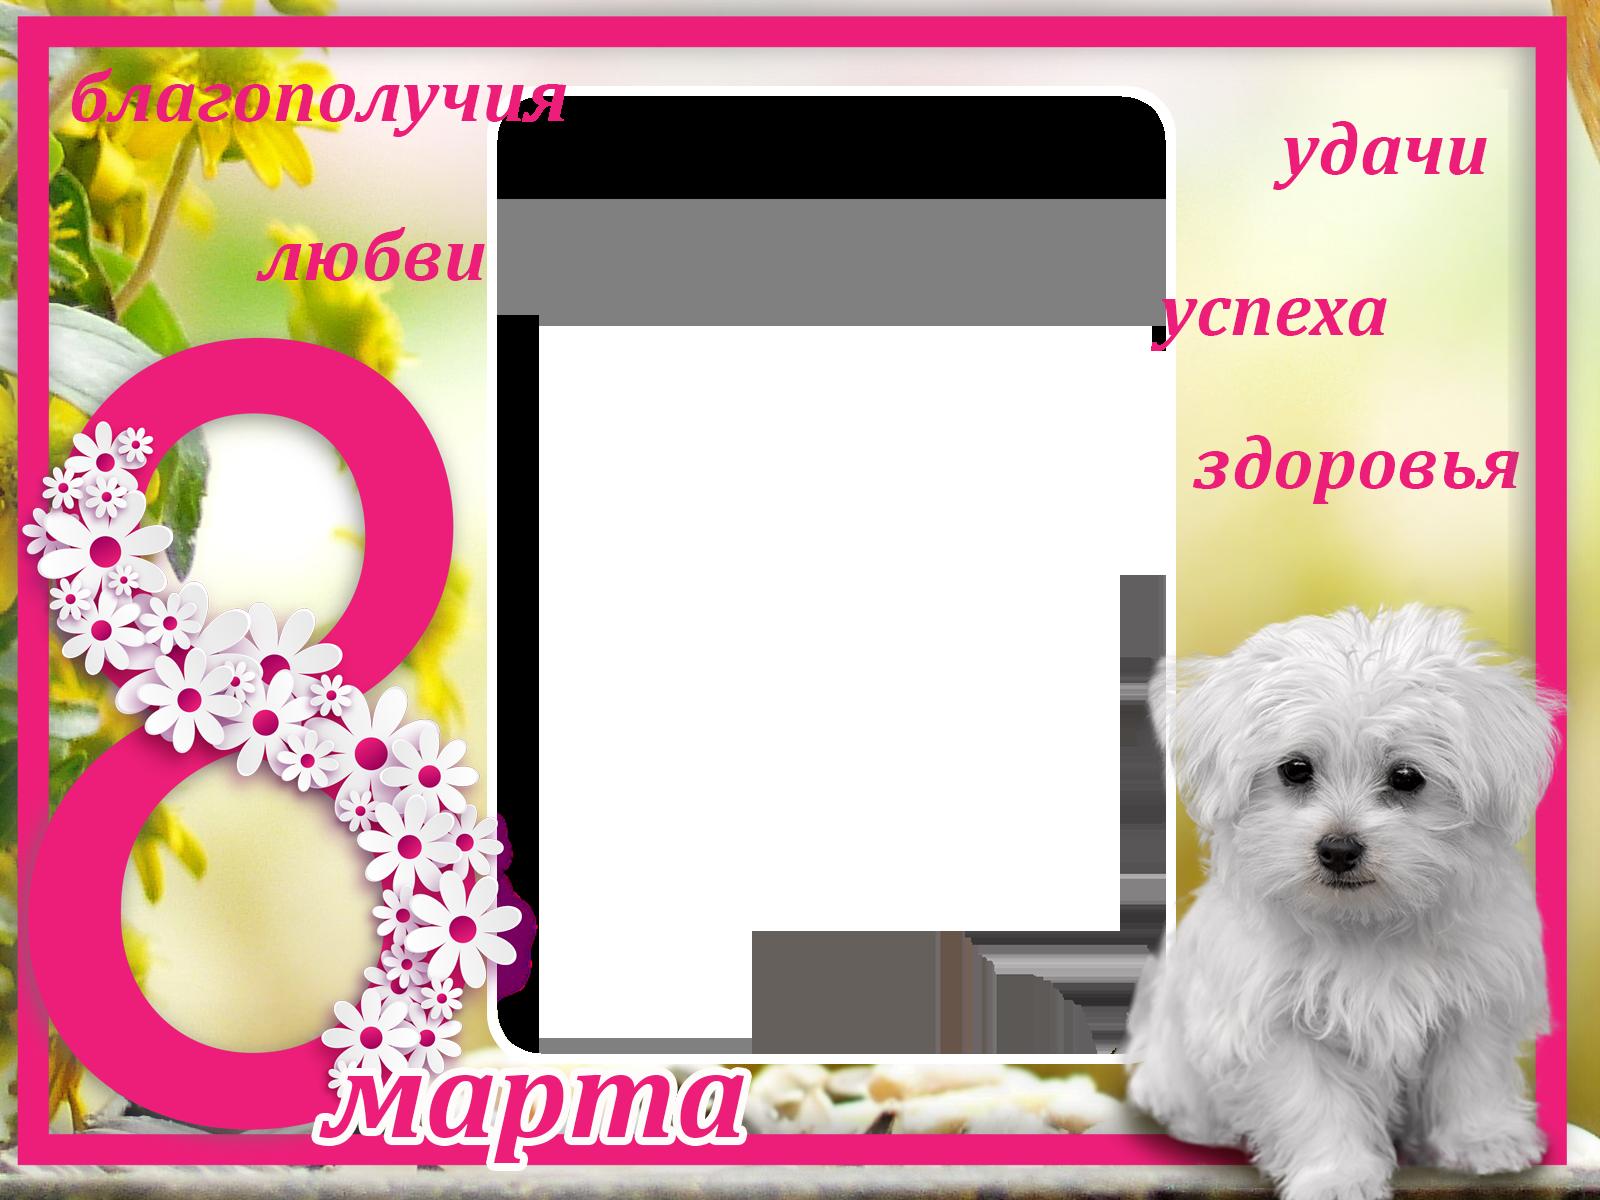 Фоторамка 8 Марта Фоторамка для фотошопа, PNG шаблон. Благополучия, любви, удачи, успеха, здоровья!